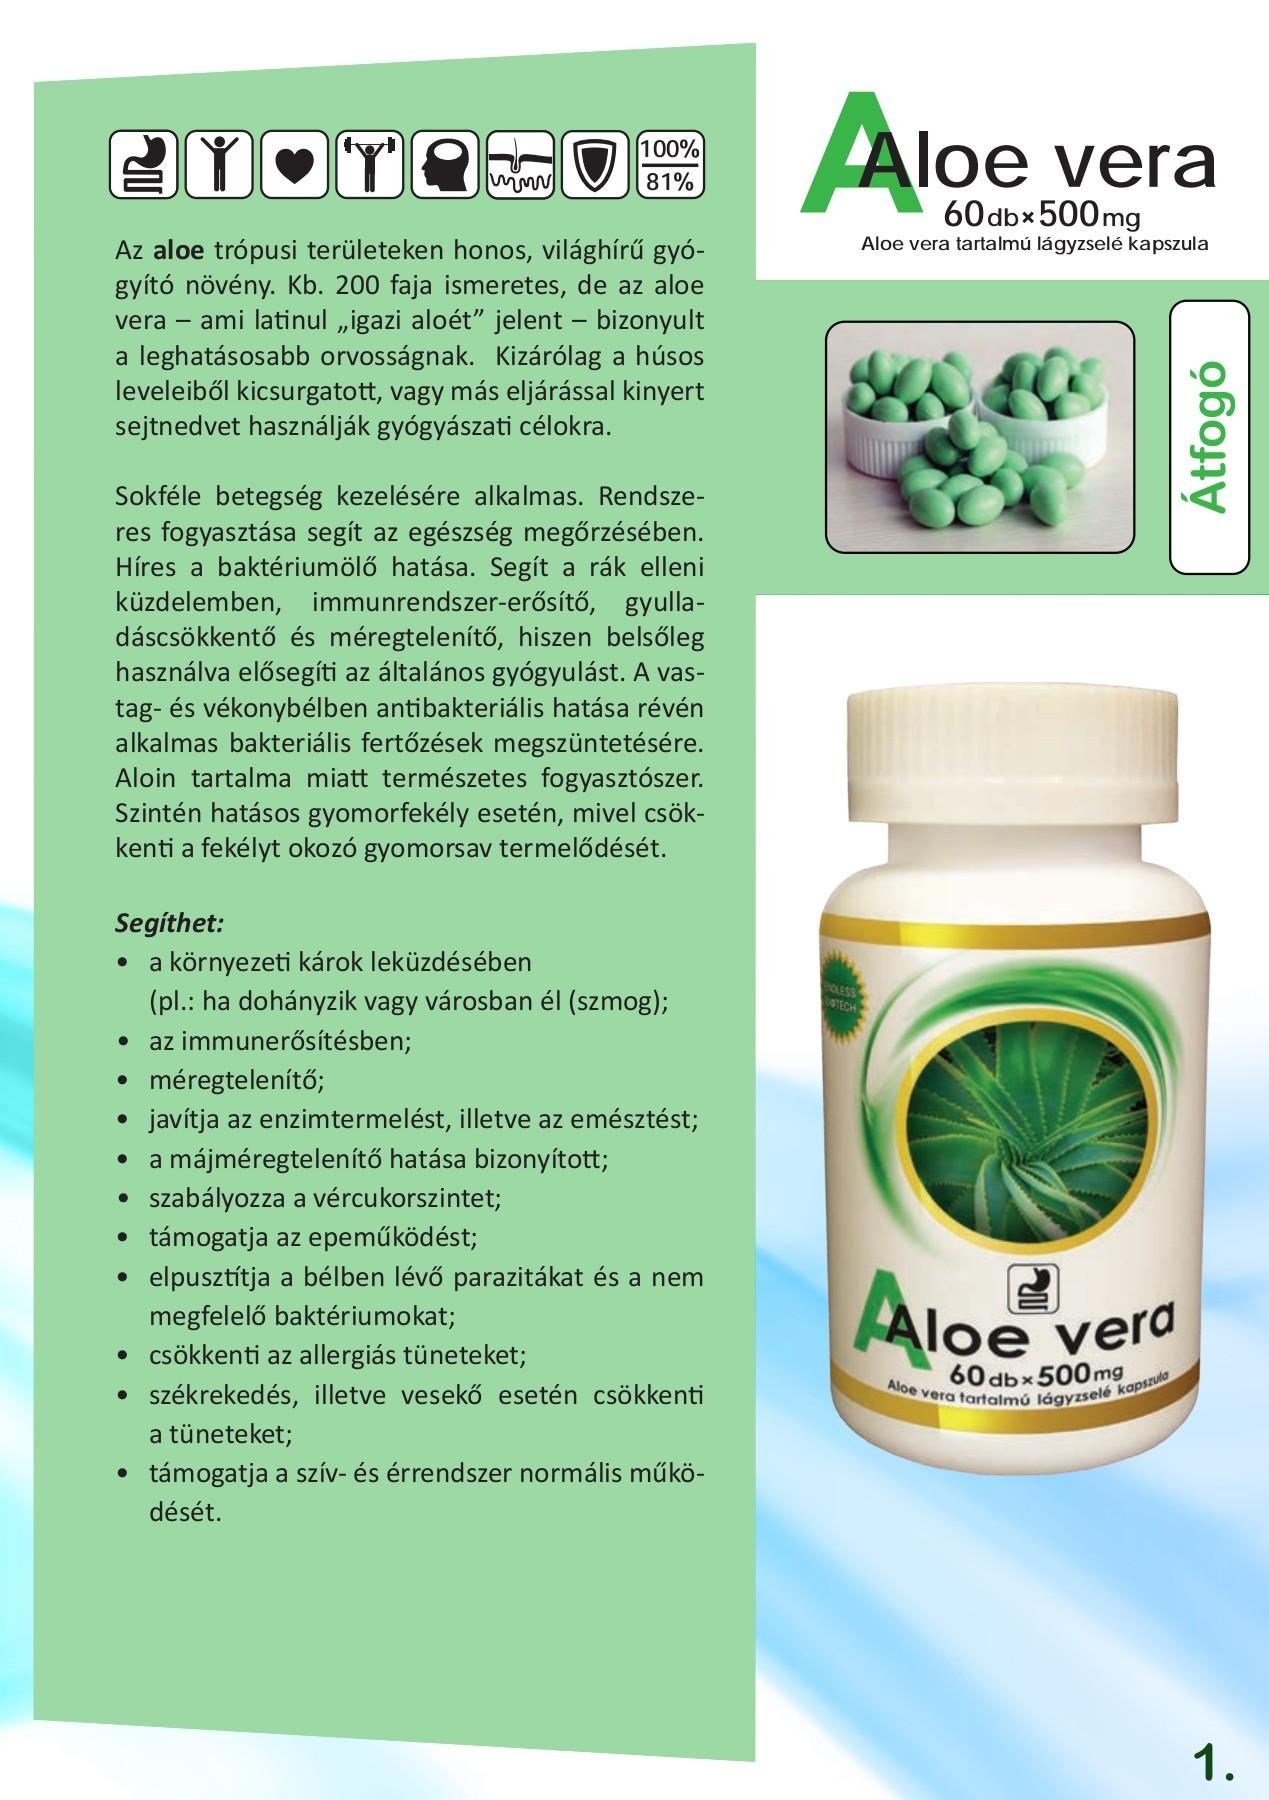 a legjobb gyógyszer a bélparaziták ellen